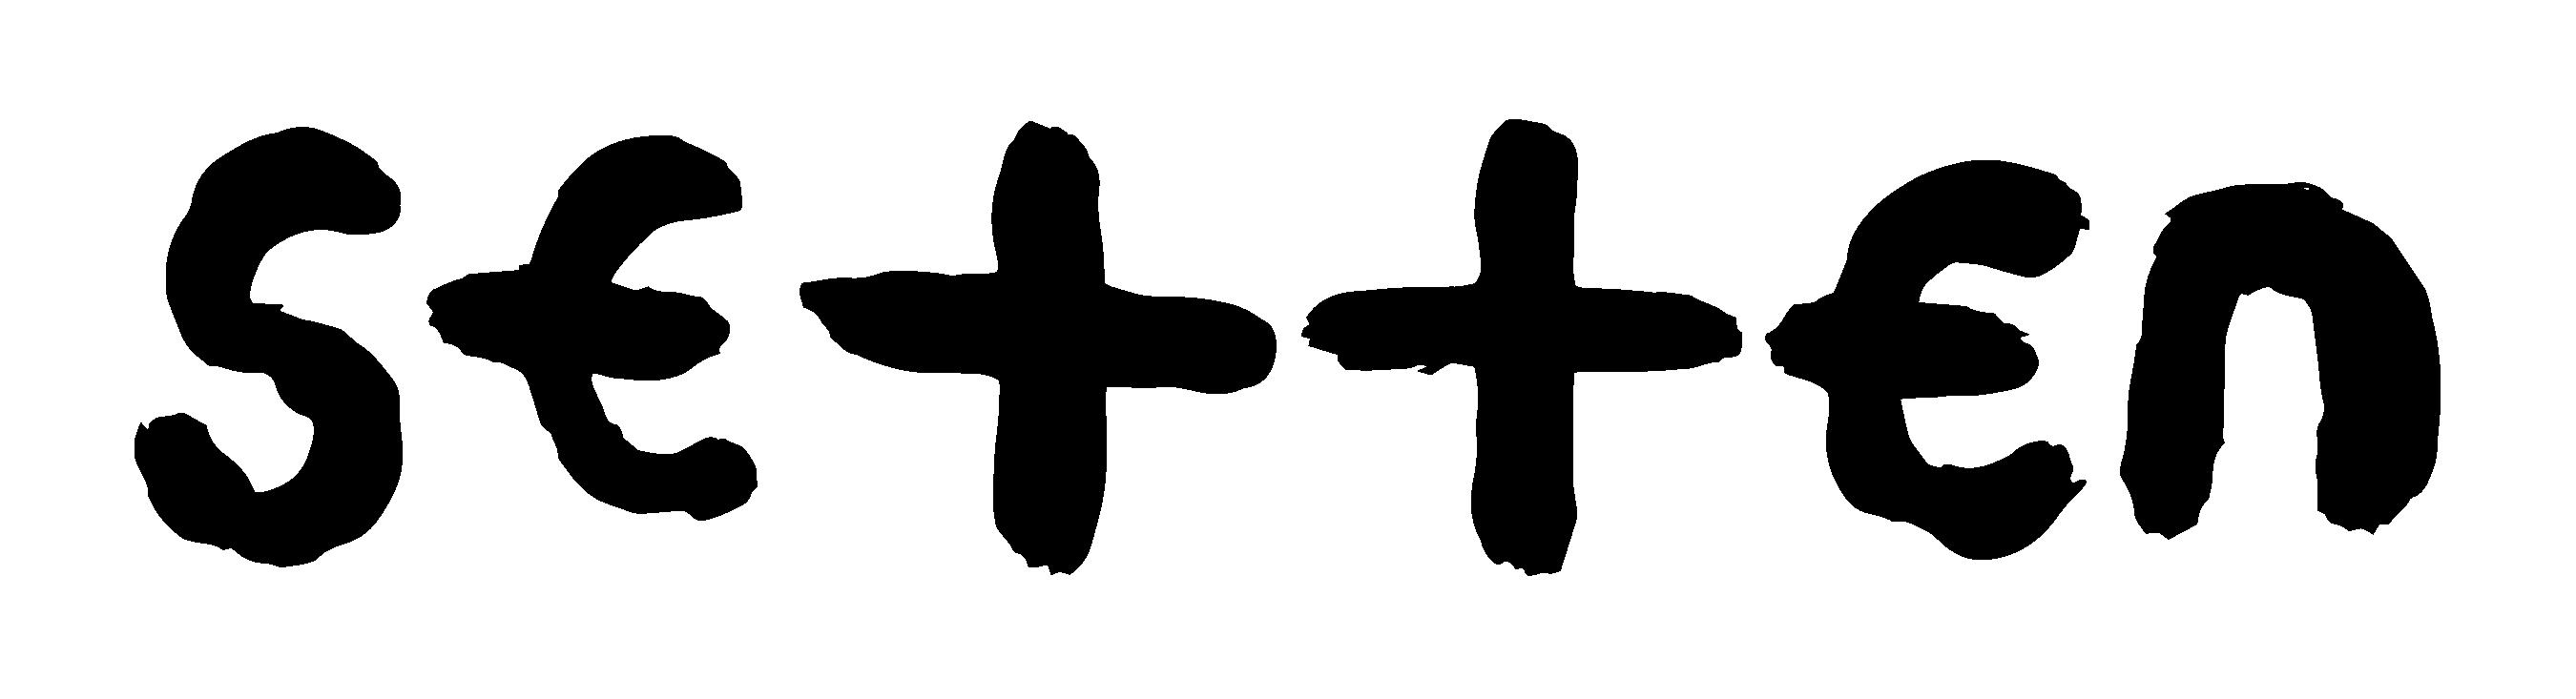 Setten Logos Final-01